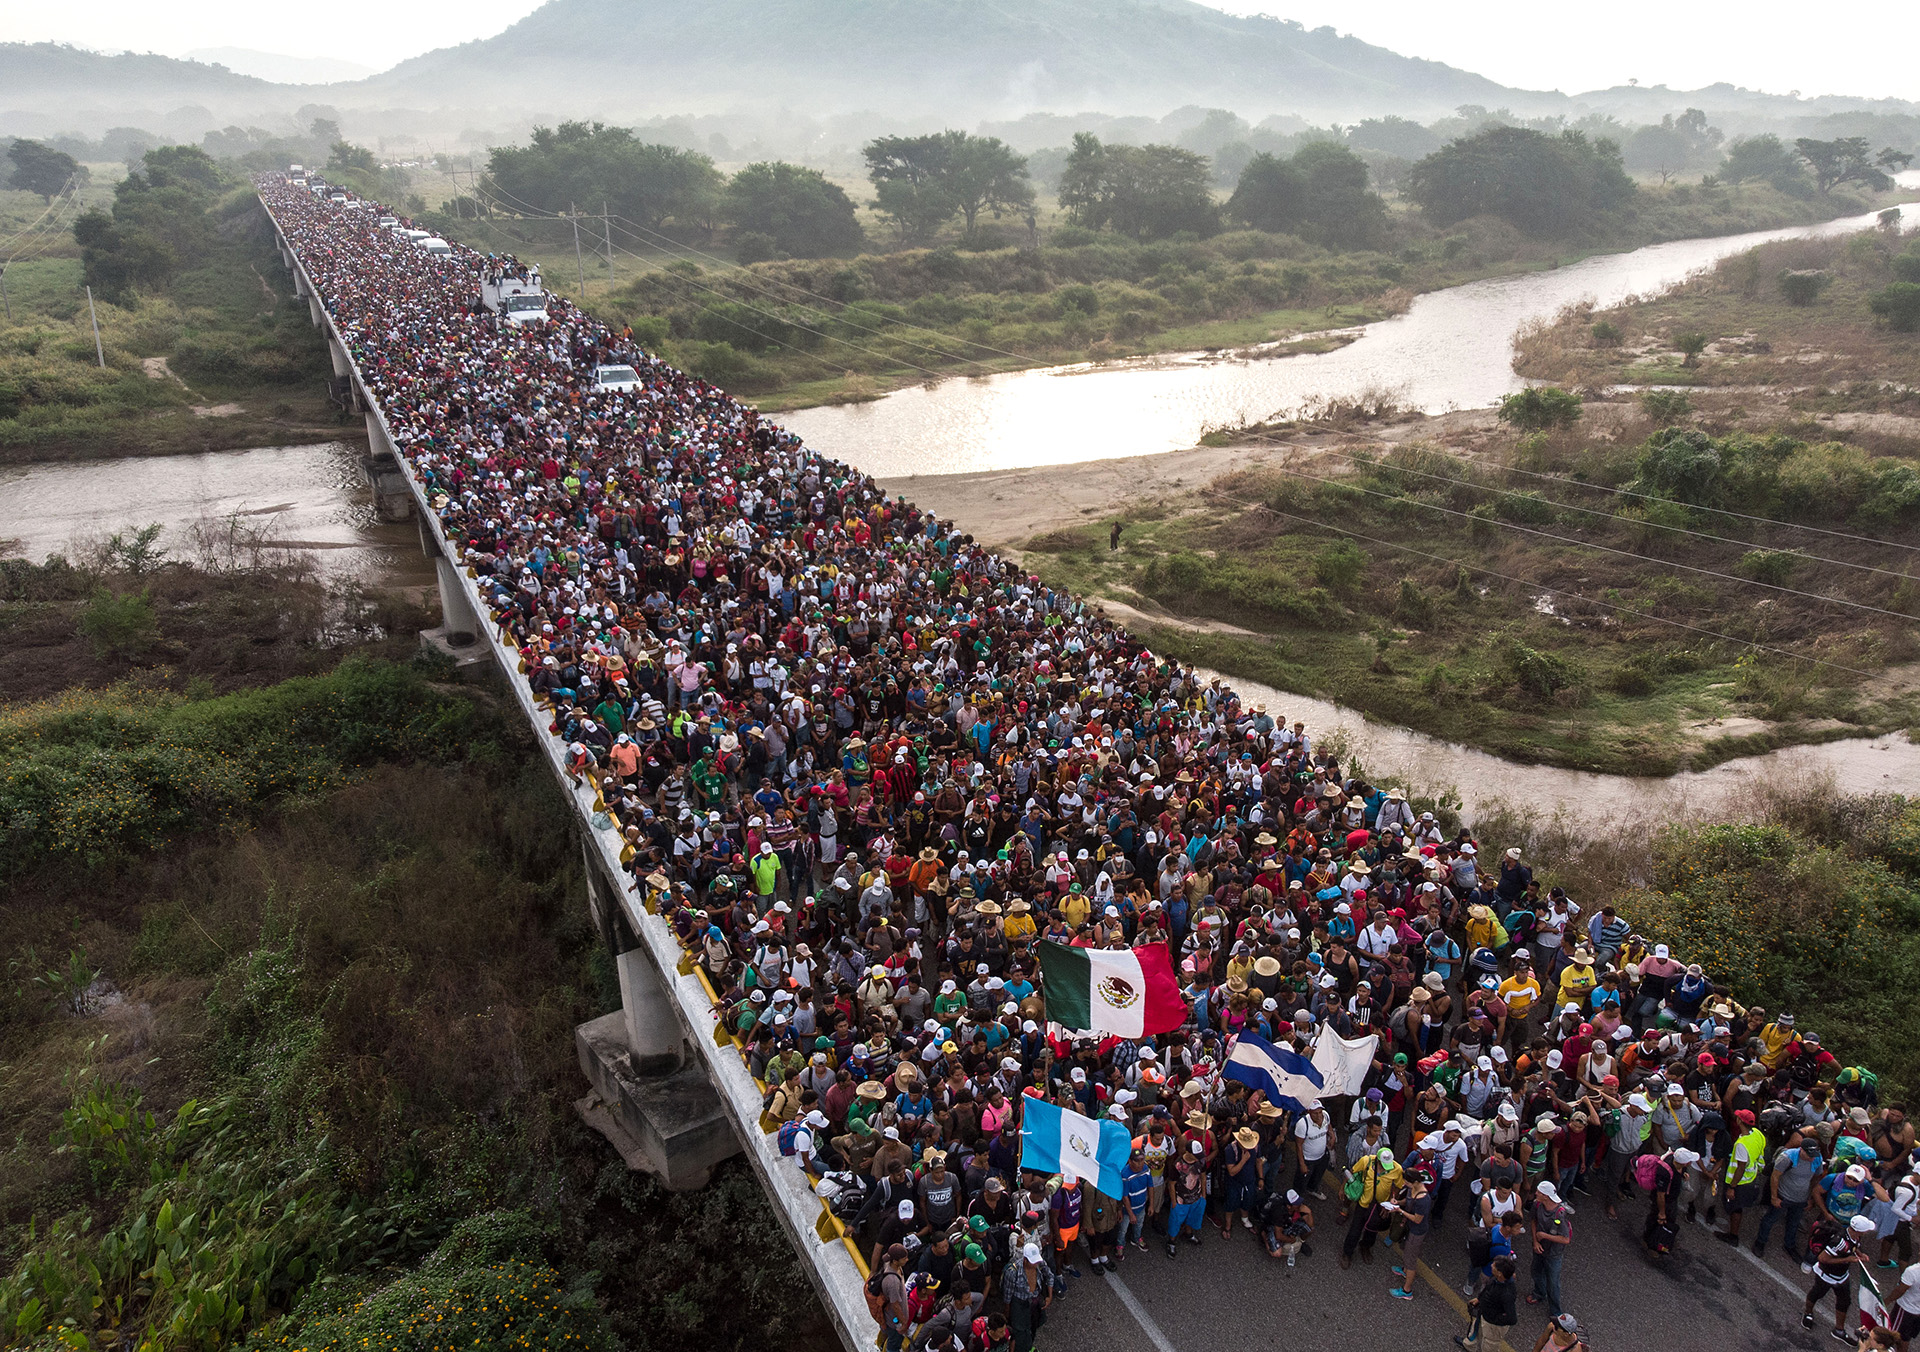 Una imagen aérea de la caravana migrante que había partido de Honduras, cruzando un puente camino a San Pedro Tapanatepec, en México, el 27 de octubre (Guillermo Arias / AFP)